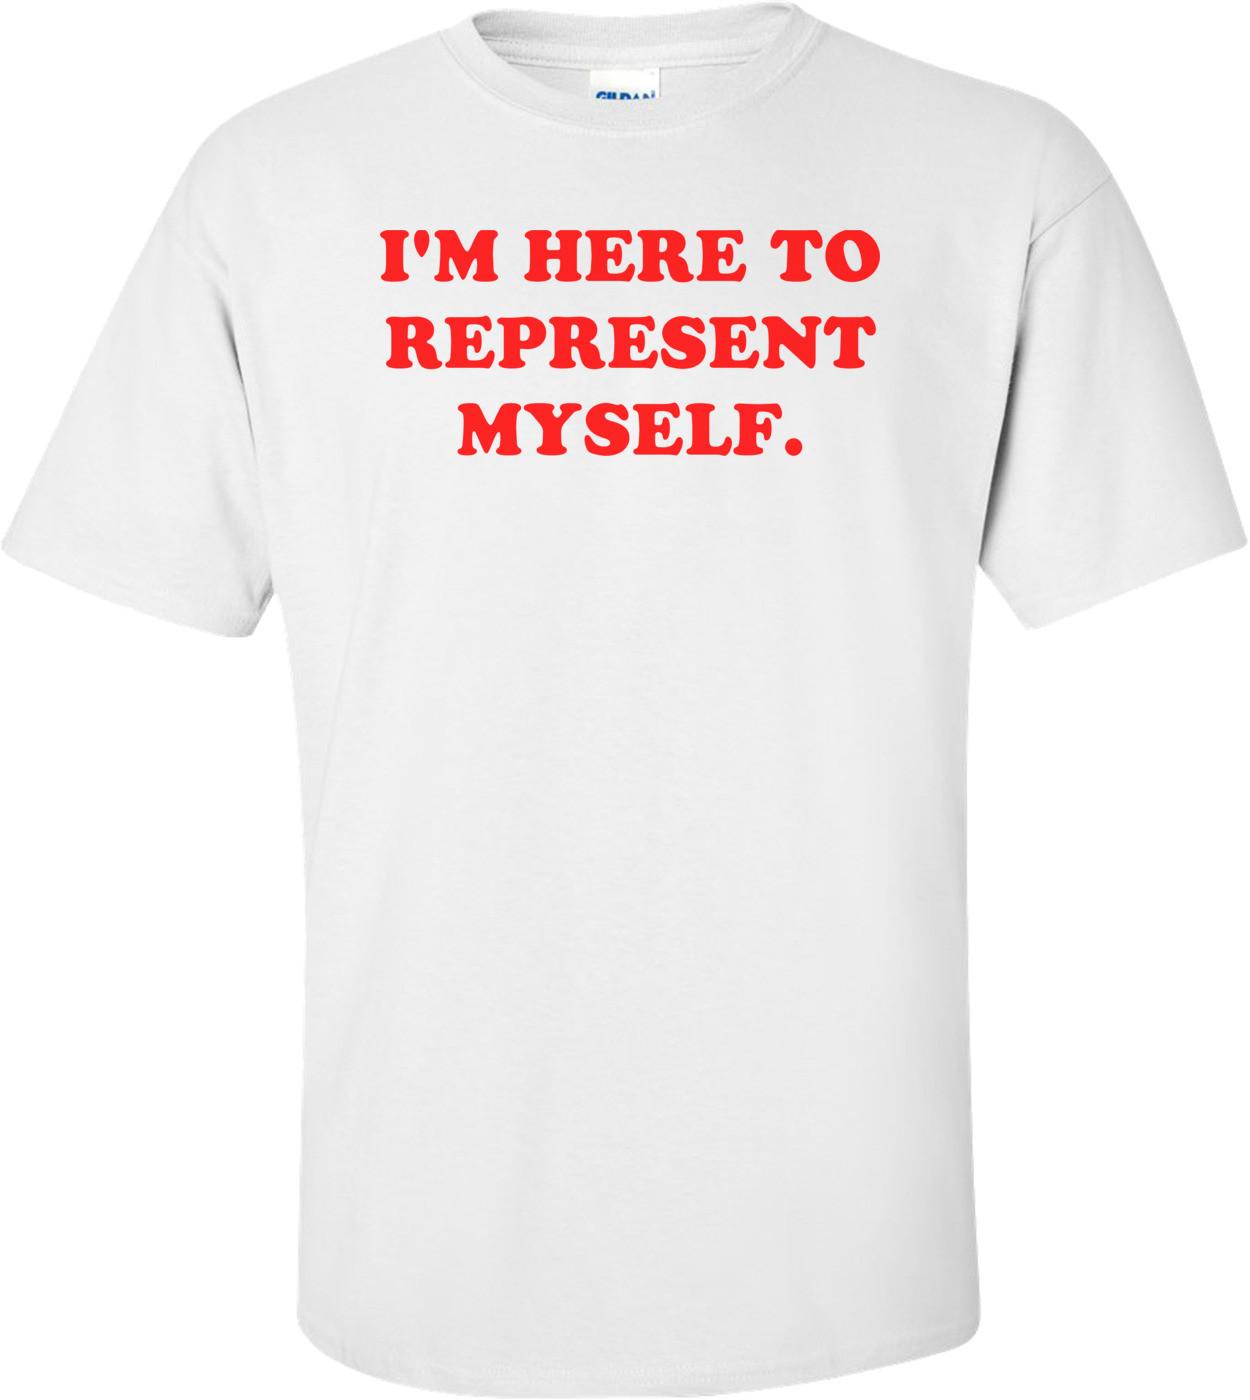 I'M HERE TO REPRESENT MYSELF. Shirt